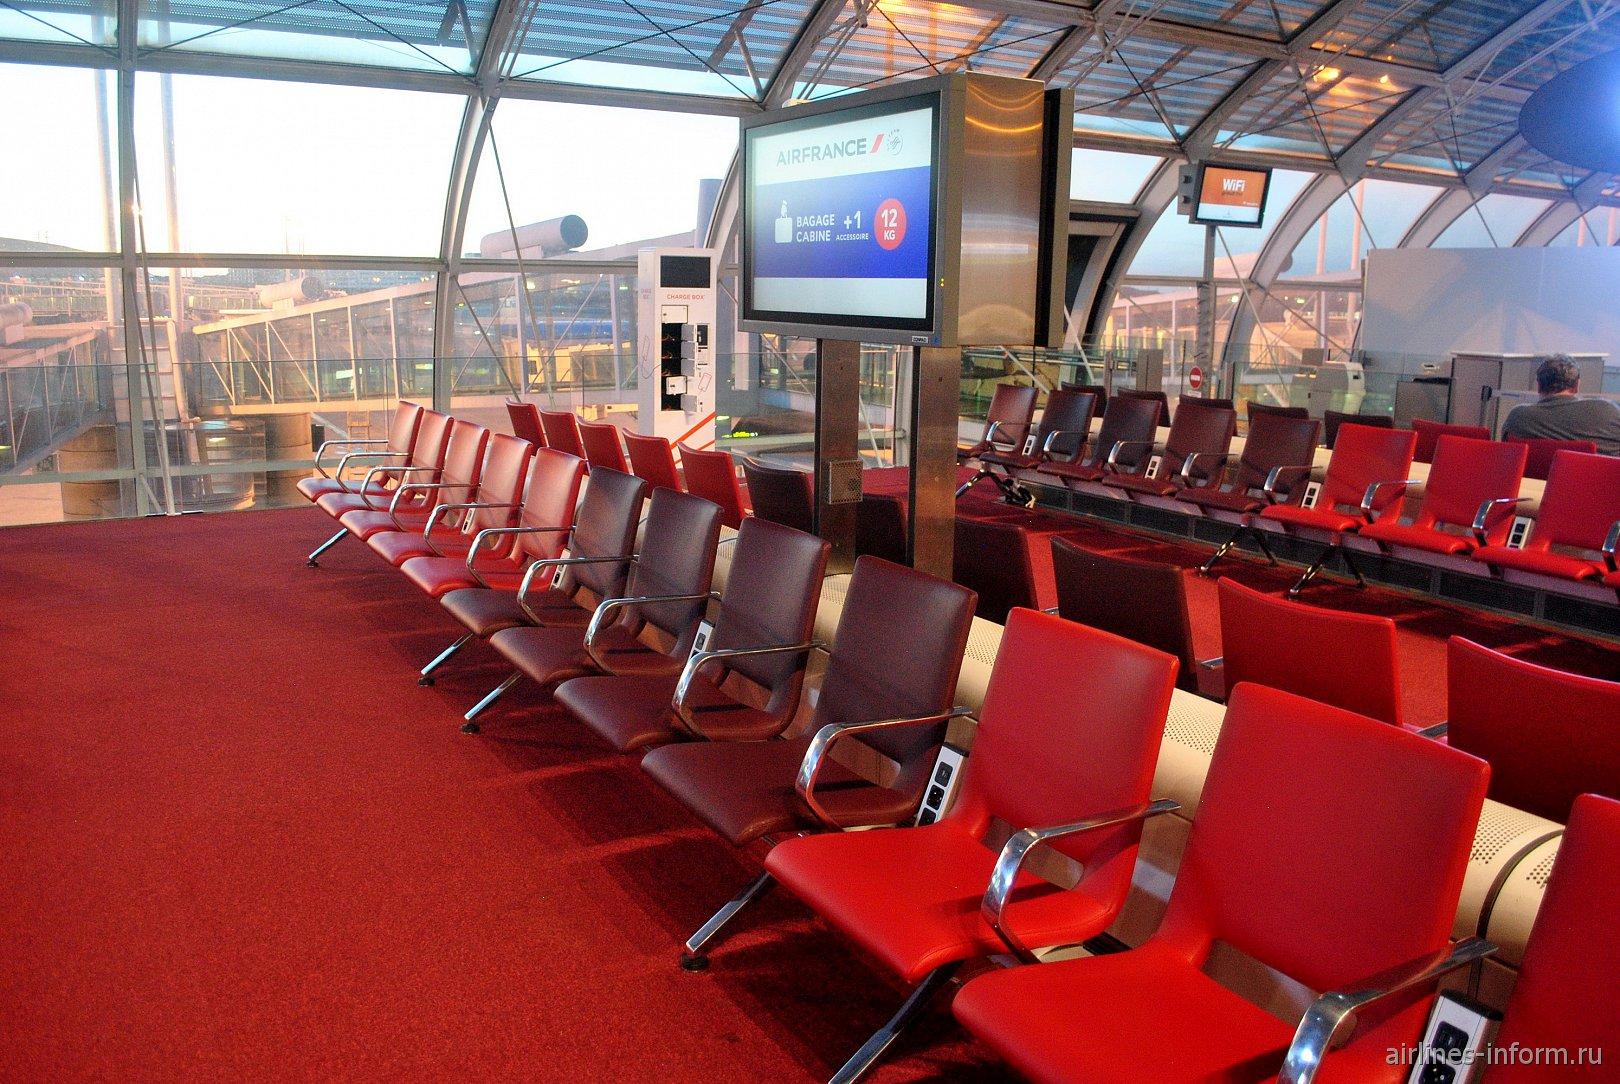 Места для ожидания рейсов в конкорсе F терминала 2 аэропорта Париж Шарль-де-Голль